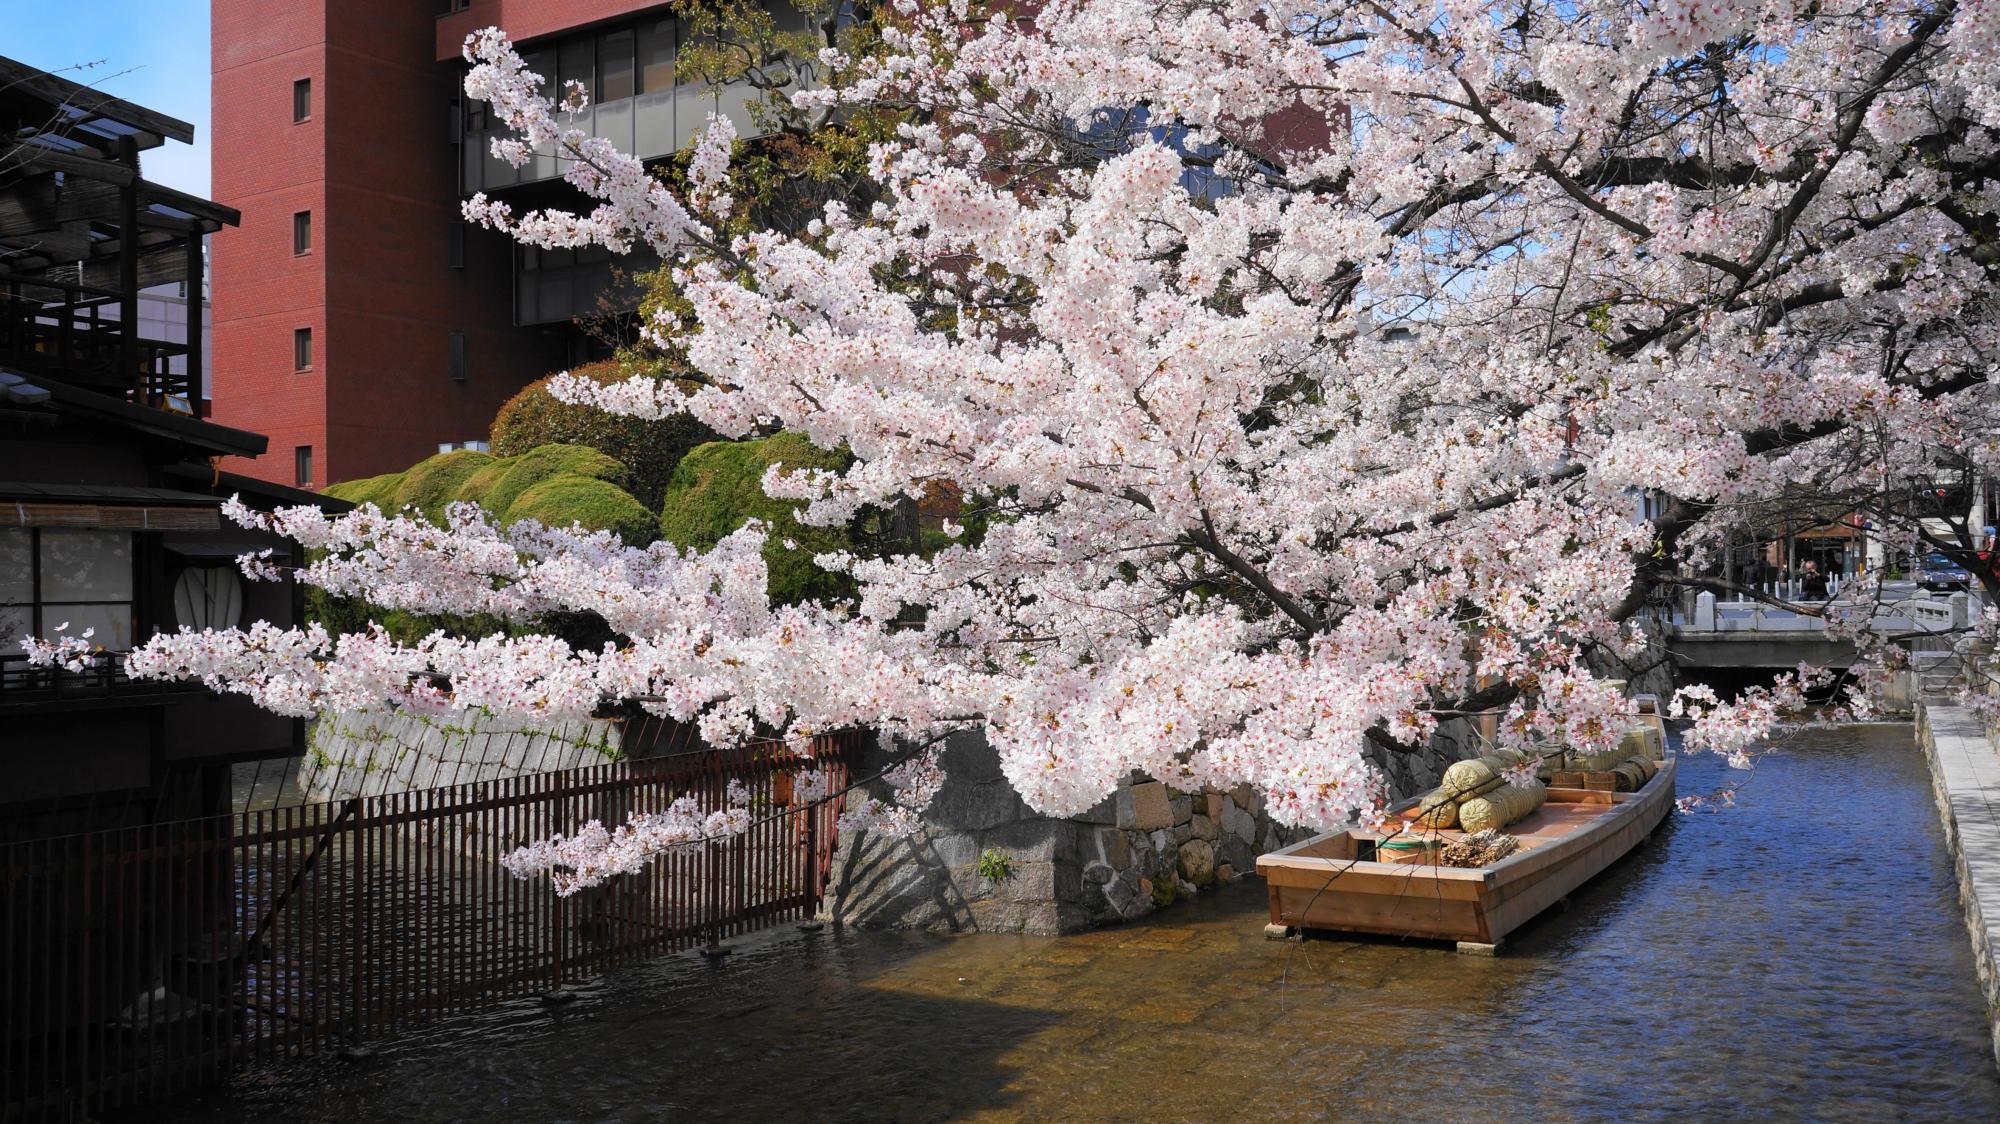 高瀬舟と桜が良く合い、風情が ...